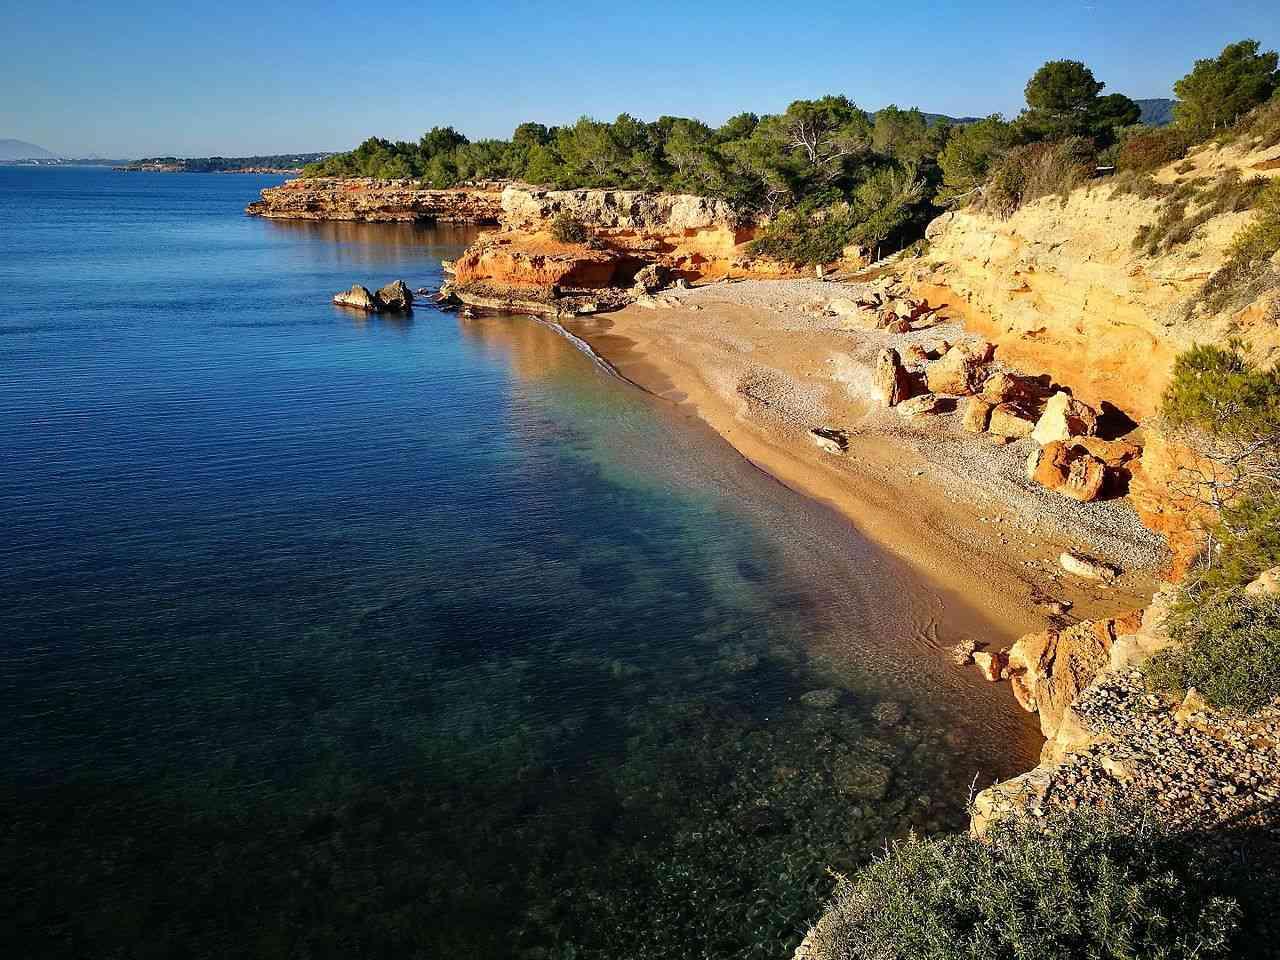 l'Ametlla de Mar, el paraíso desconocido de la Costa Dorada 7